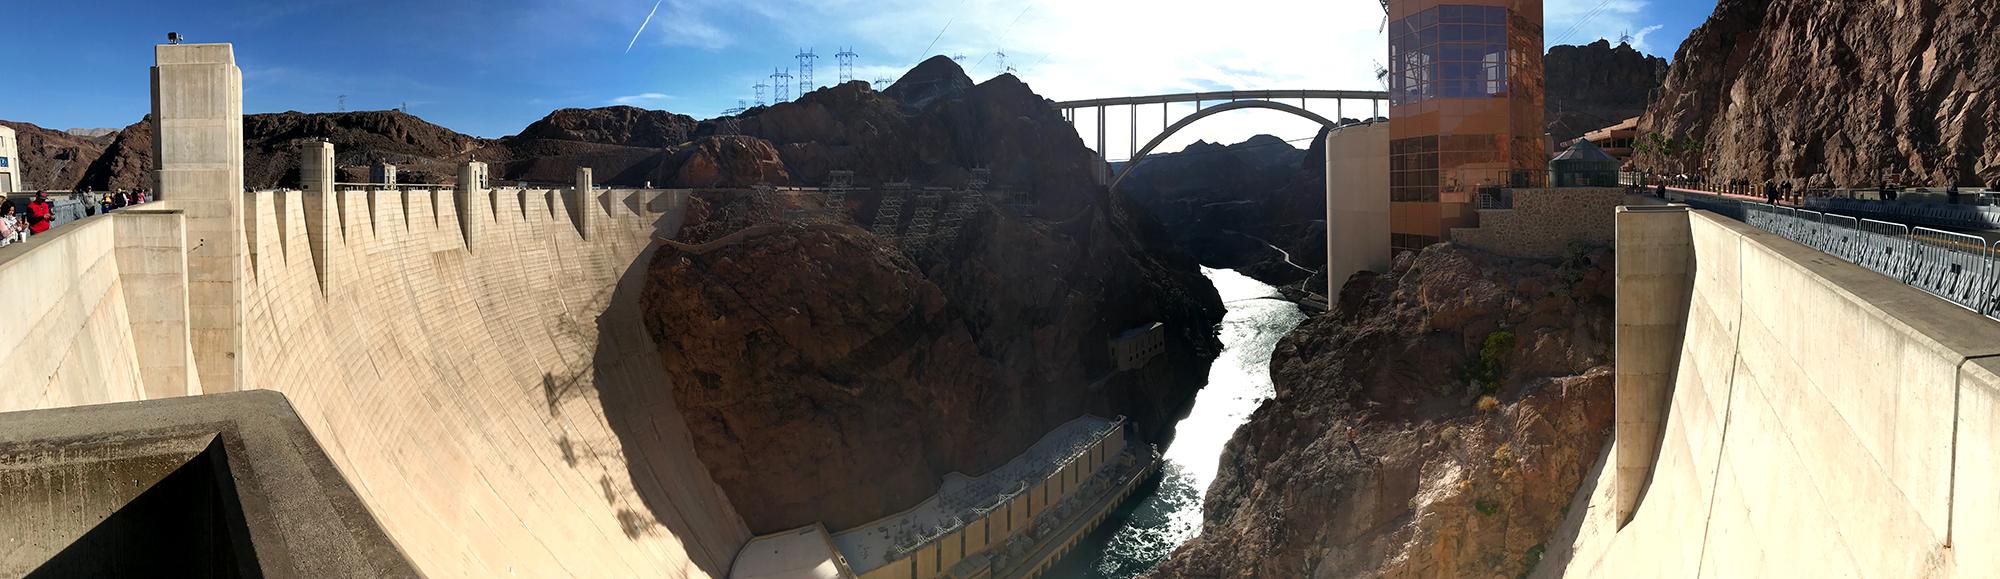 Generic Van Life - Hoover Dam Pano